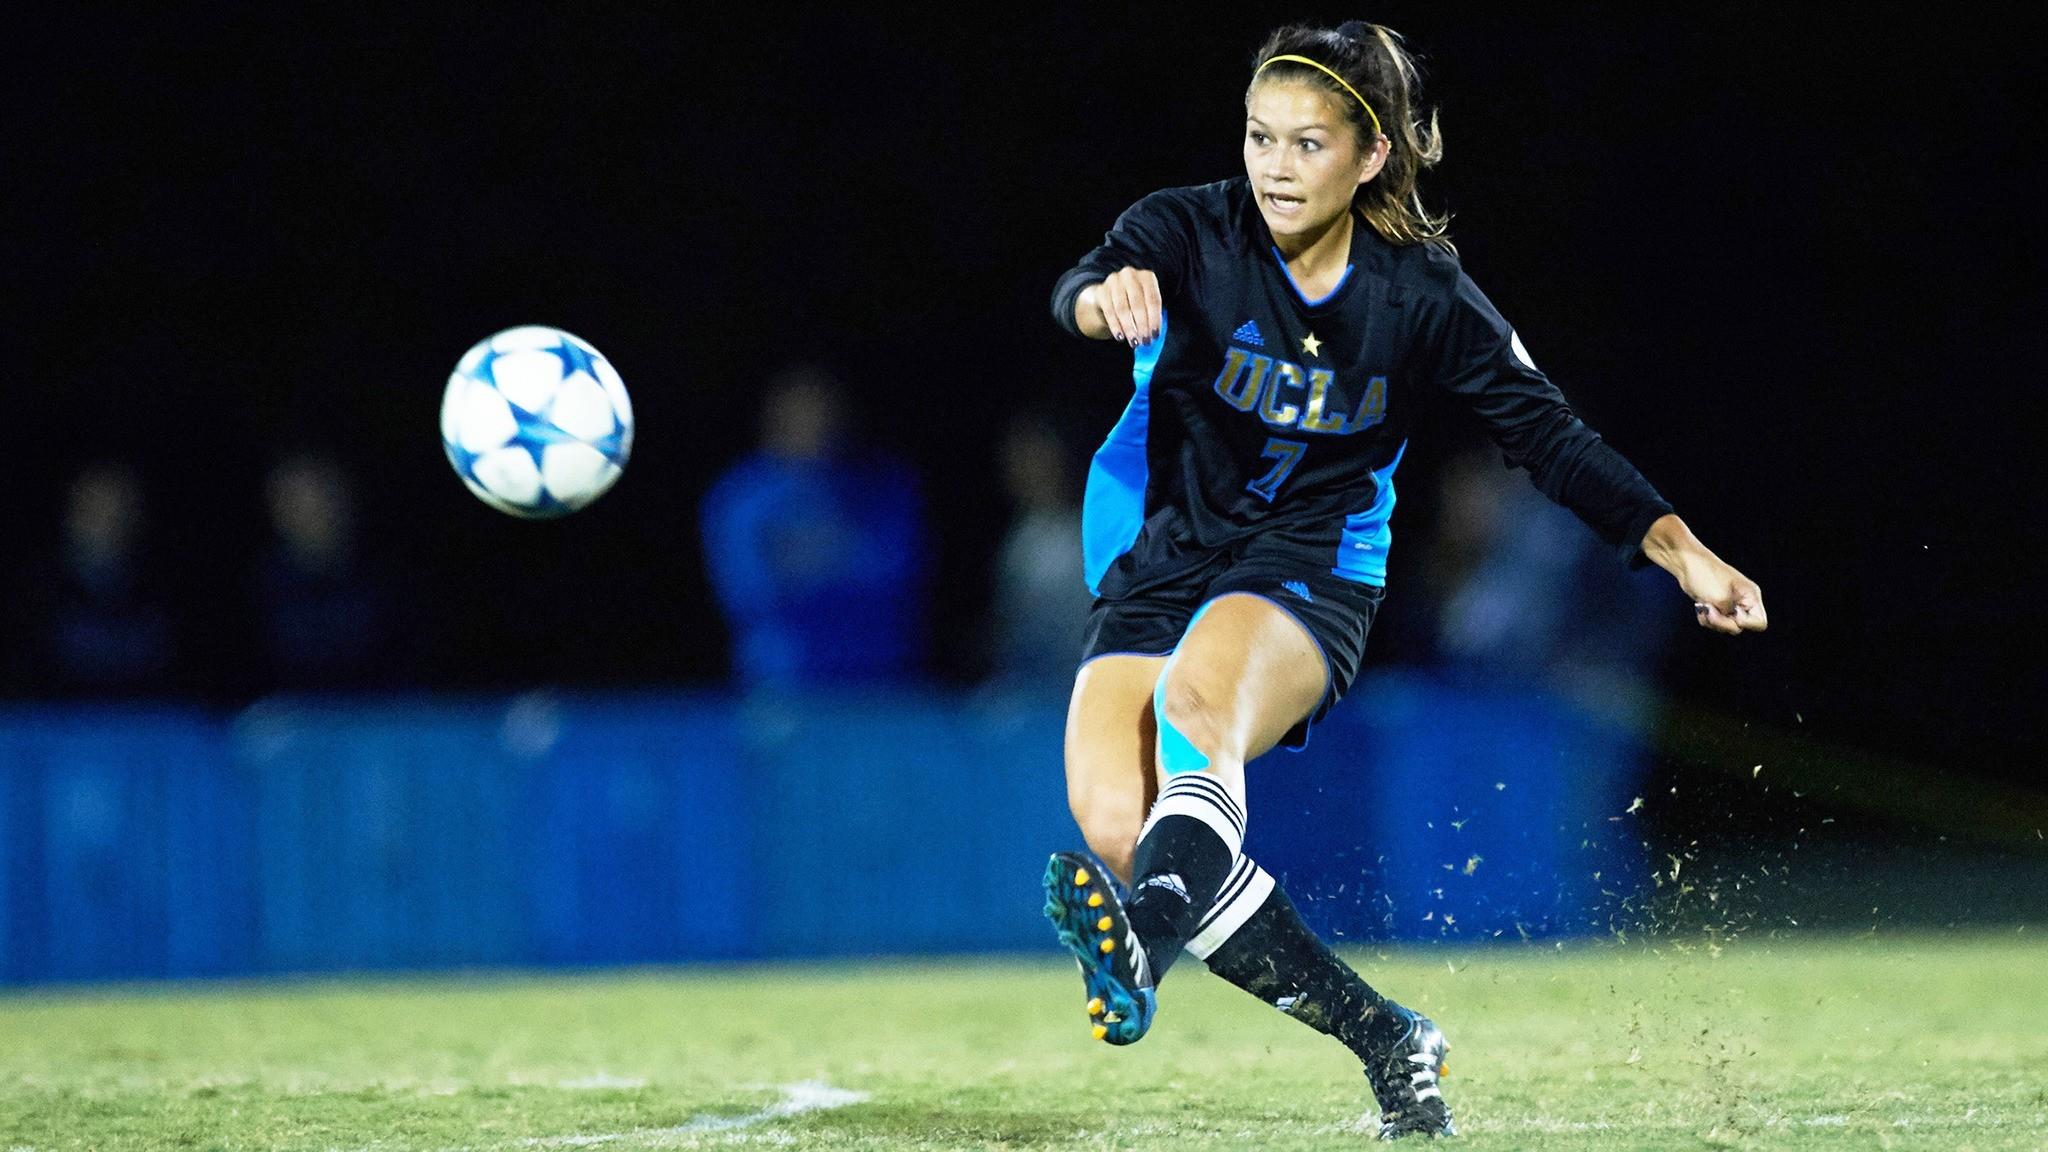 UCLA Bruins Women's Soccer vs. University of Florida Gators Women's Soccer